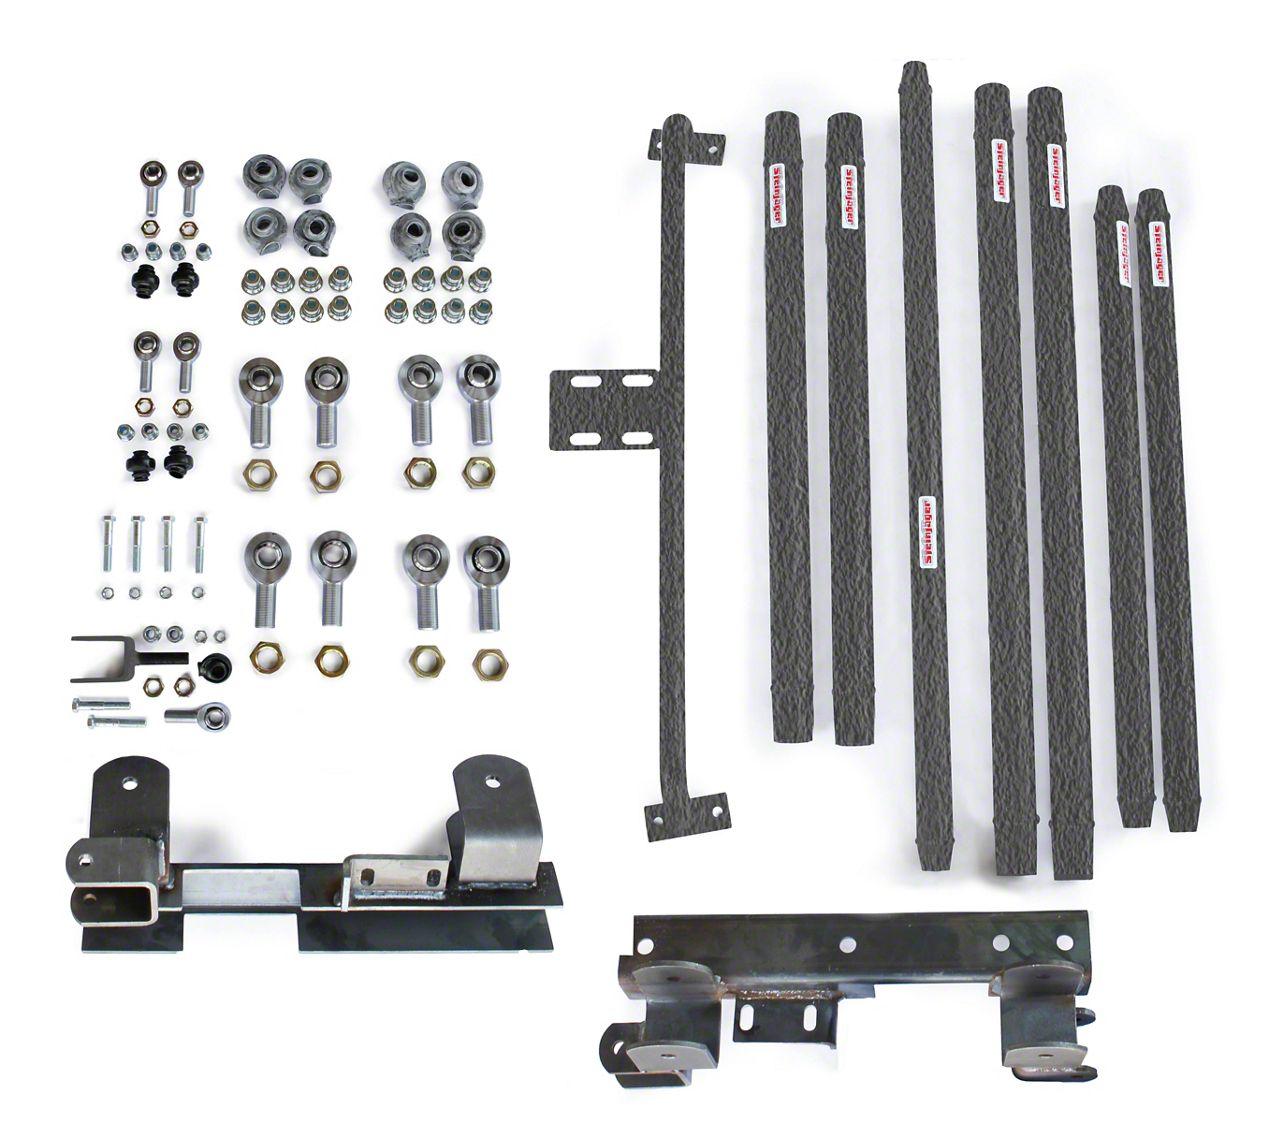 Steinjager Chrome Moly Tube Long Arm Tavel Kit for 2-6 in. Lift - Textured Black (97-06 Jeep Wrangler TJ)